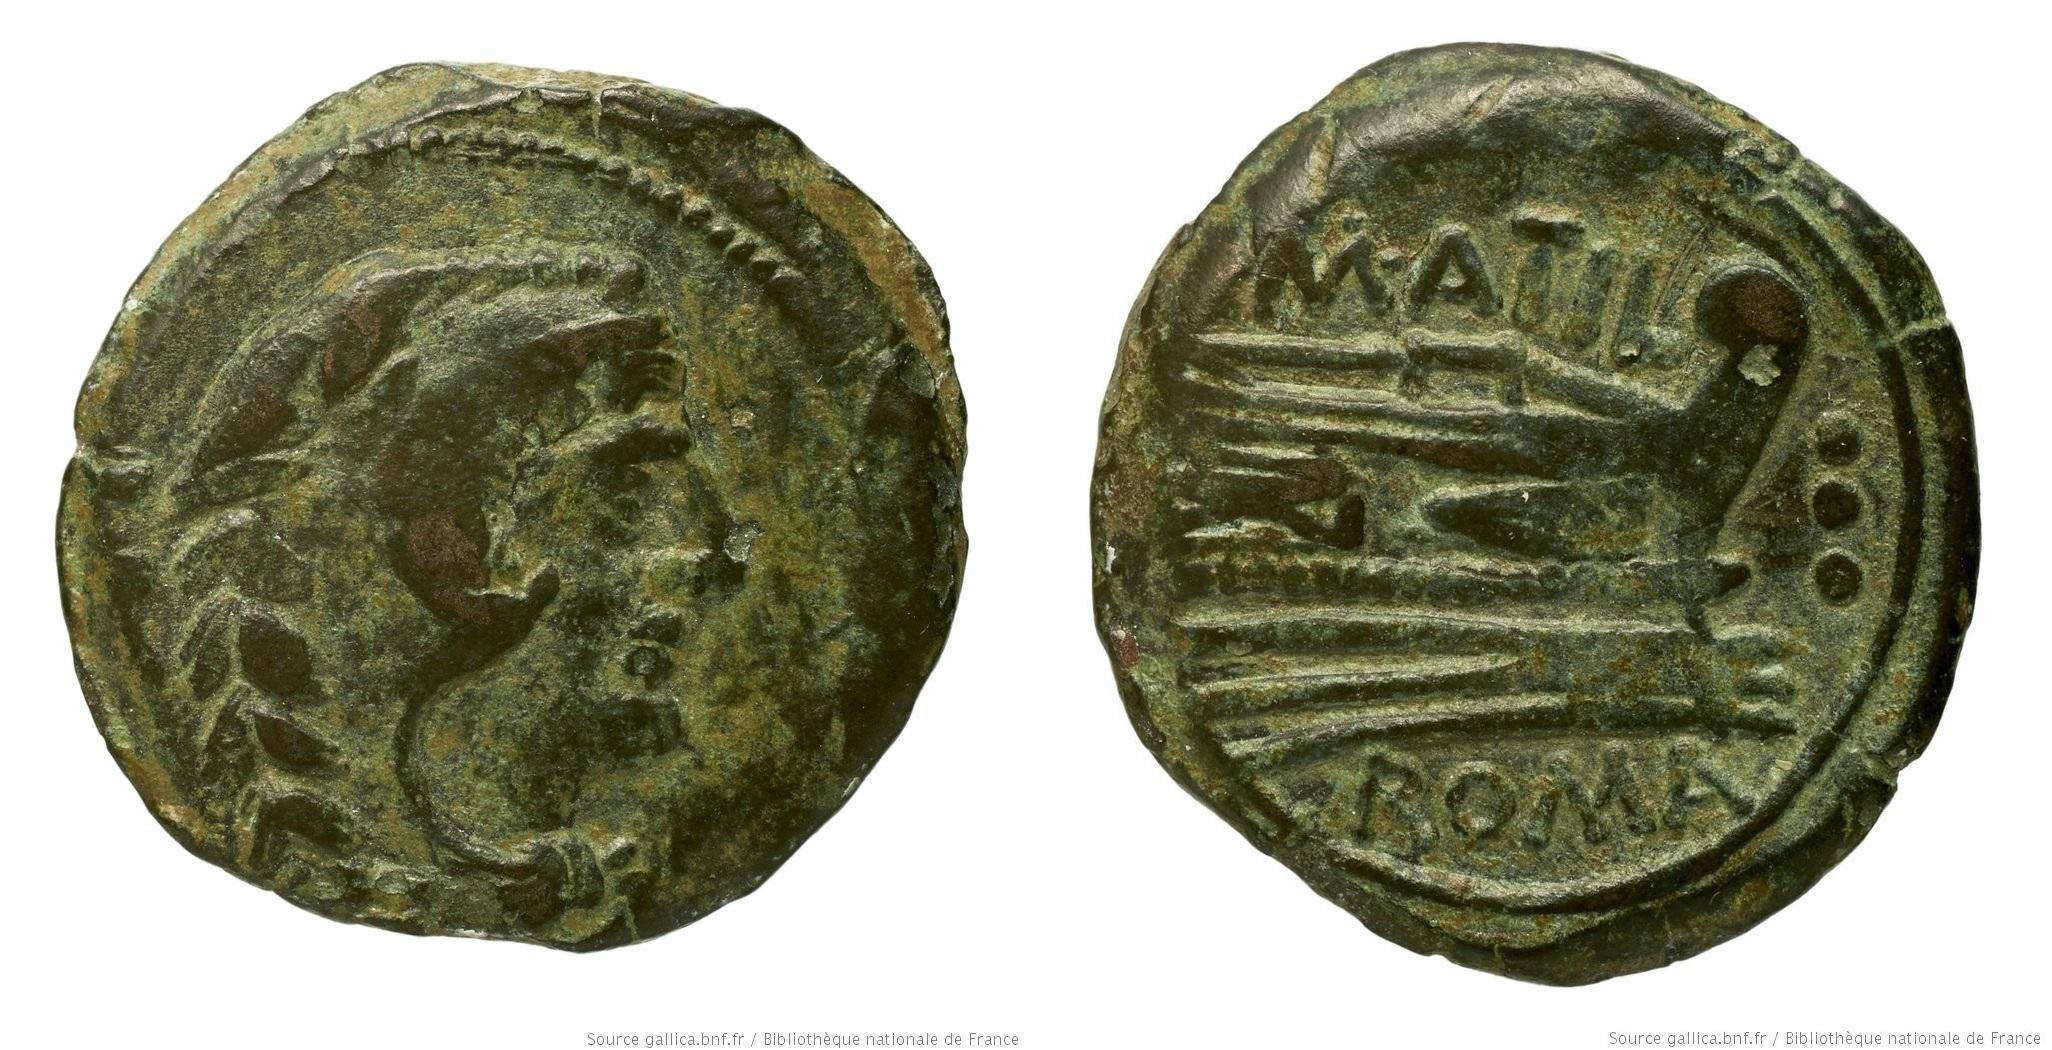 868AT – Quadrans Atilia – Marcus Atilius Saranus